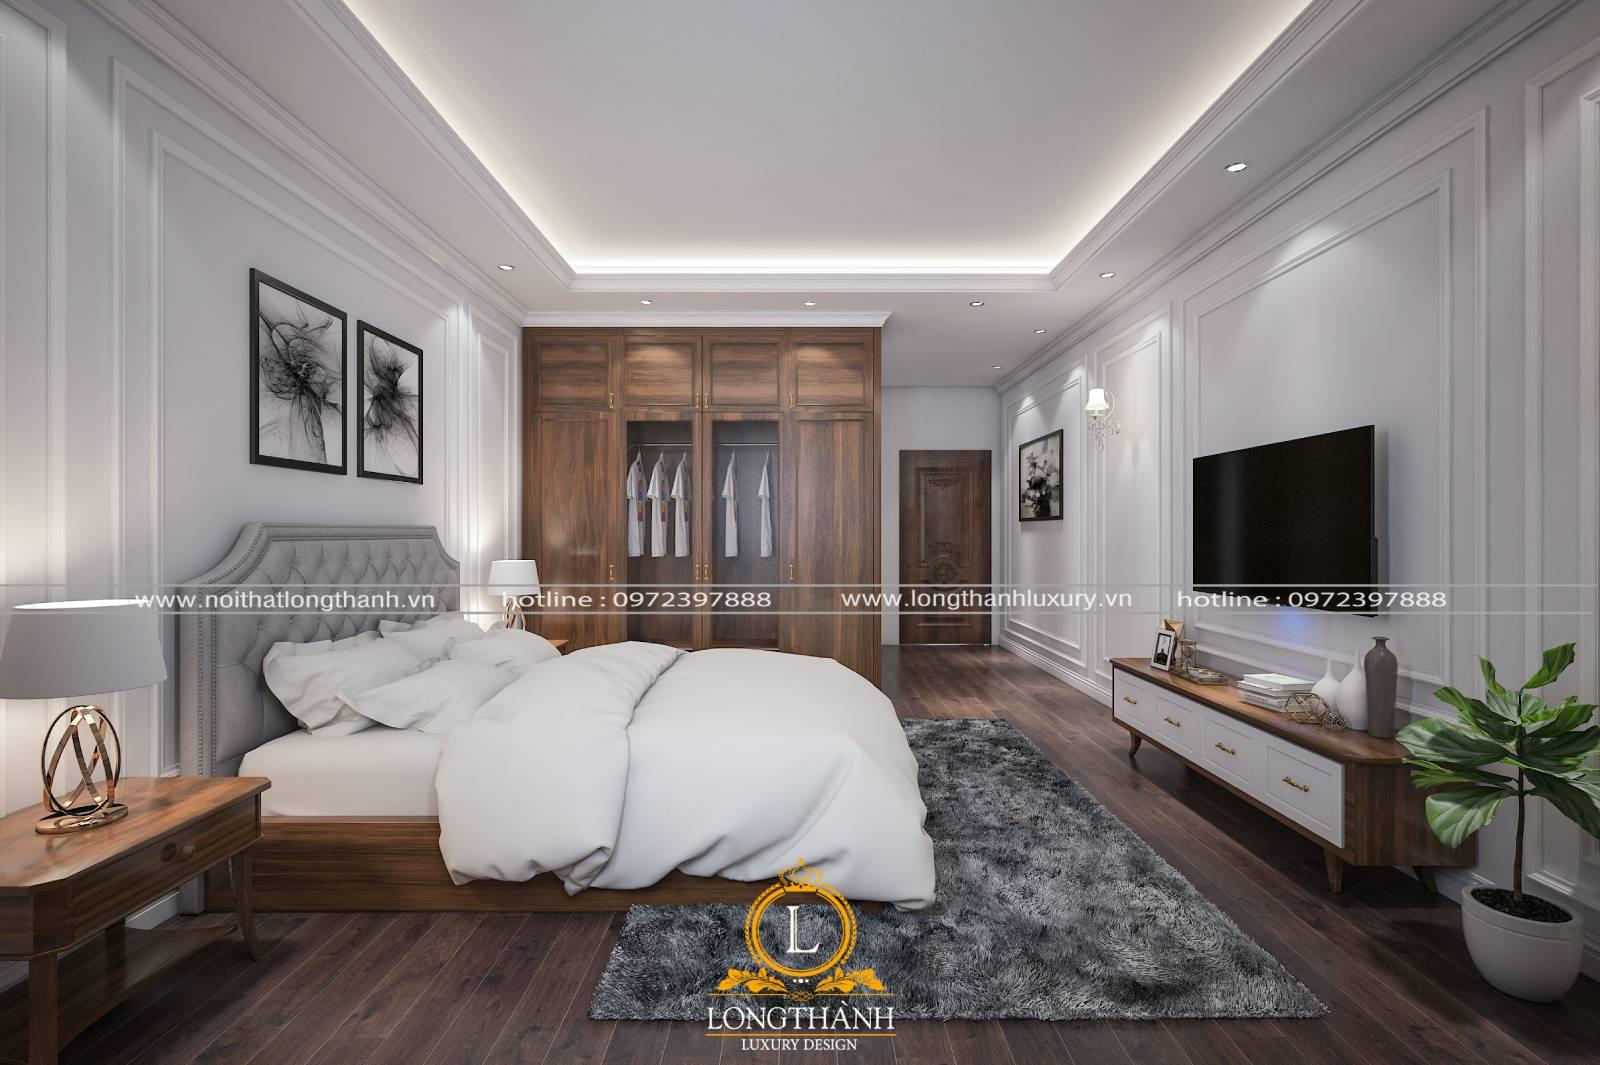 Bộ giường tủ giữ trò chủ đạo trong thiết kế nội thất phòng ngủ